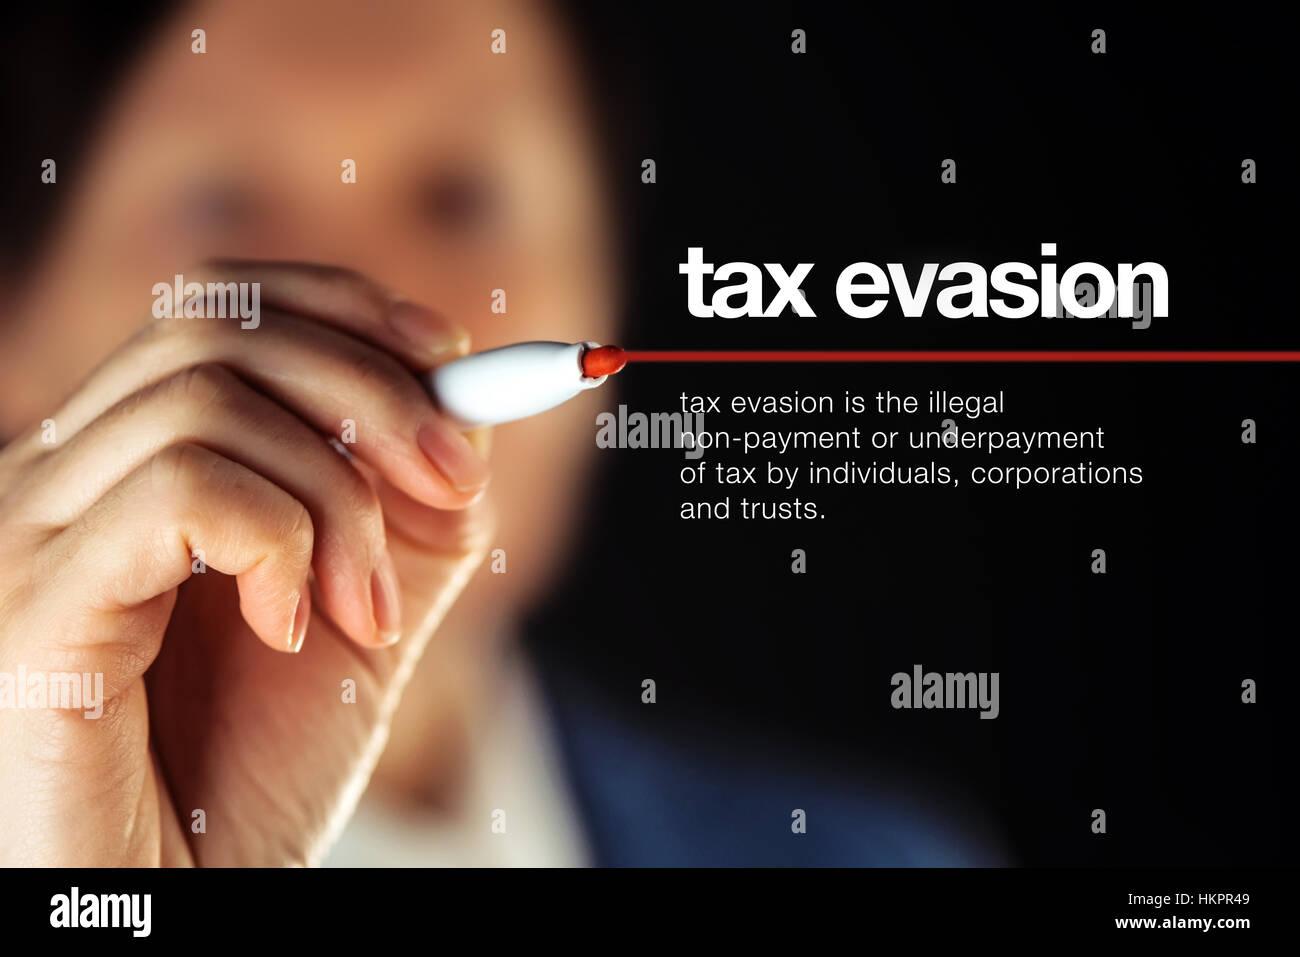 Definición de evasión fiscal ilegal, falta de pago o el impago de impuestos por parte de individuos, corporaciones Imagen De Stock